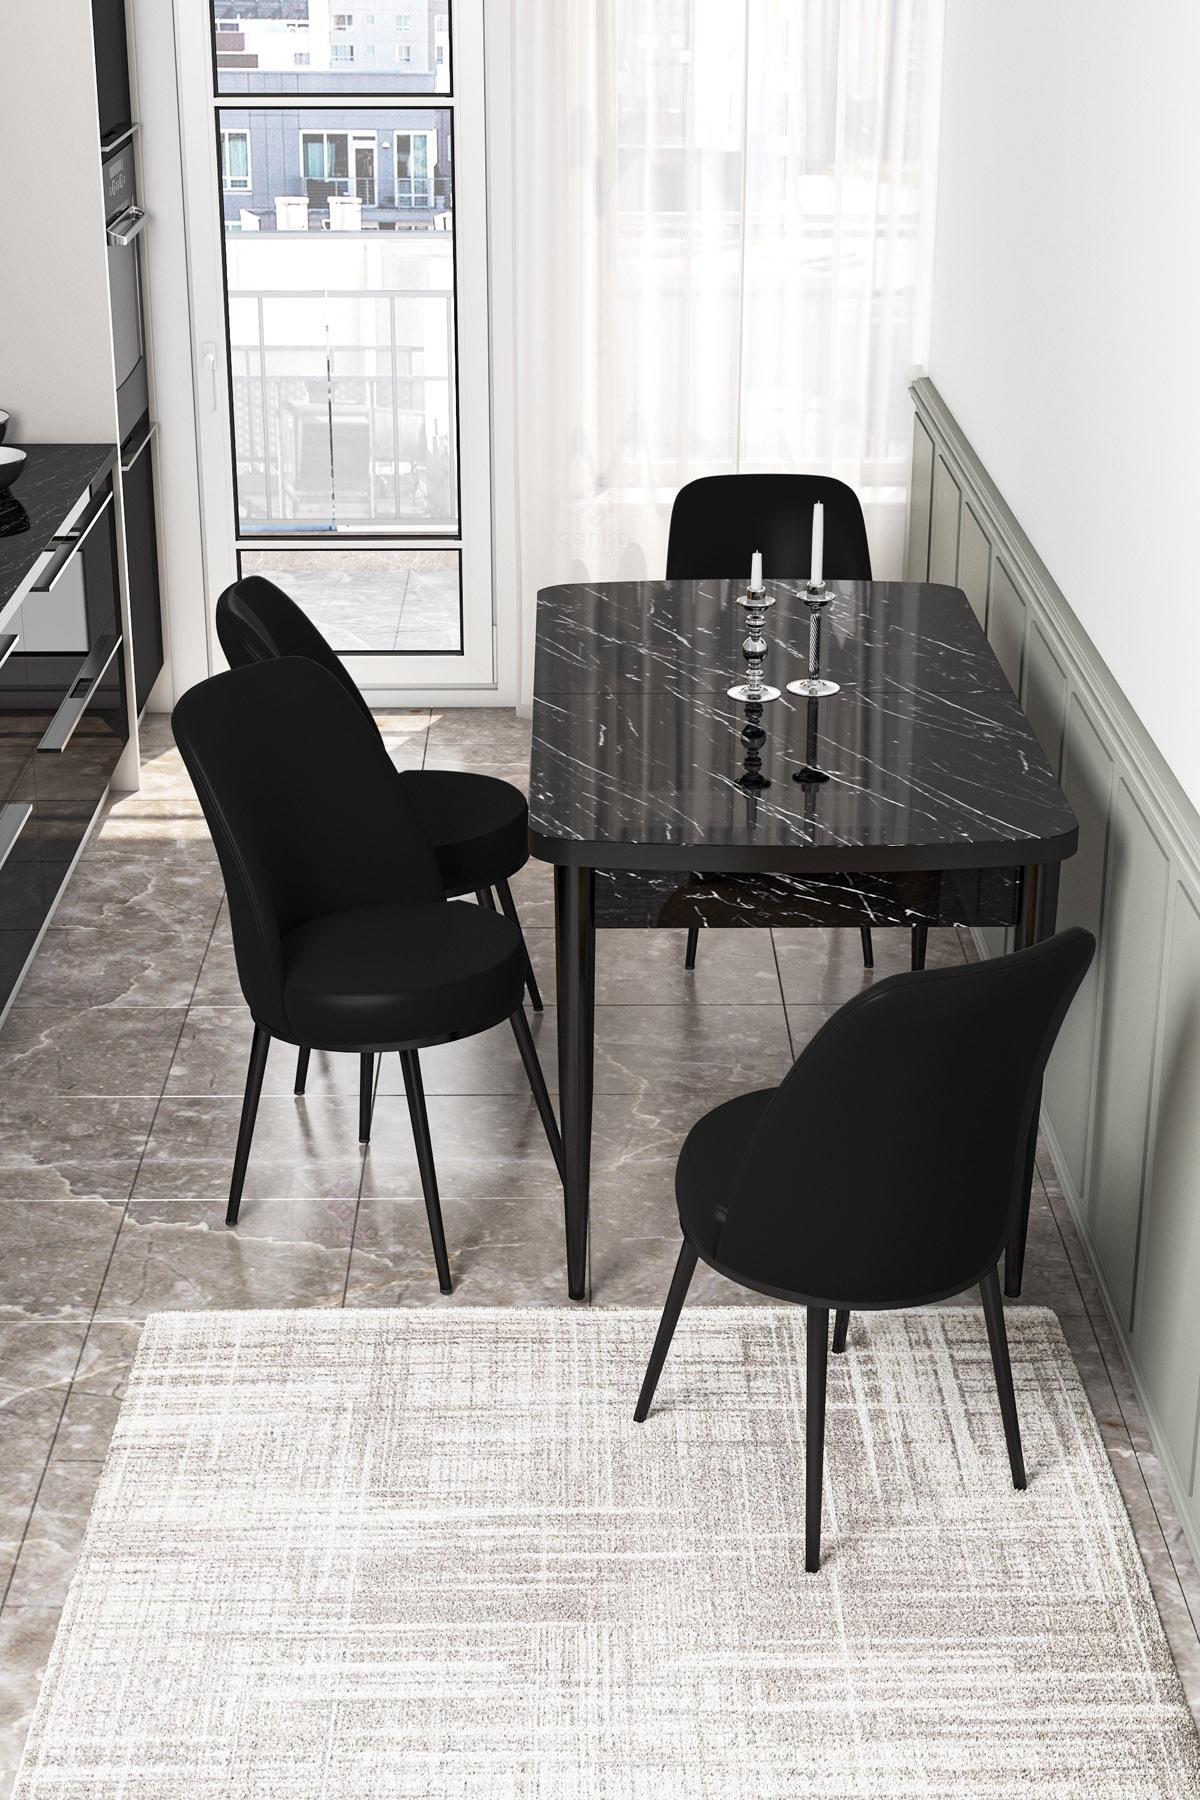 Via Açılabilir Mutfak Masası Takımı-siyah Masa+4 Adet Siyah Sandalye